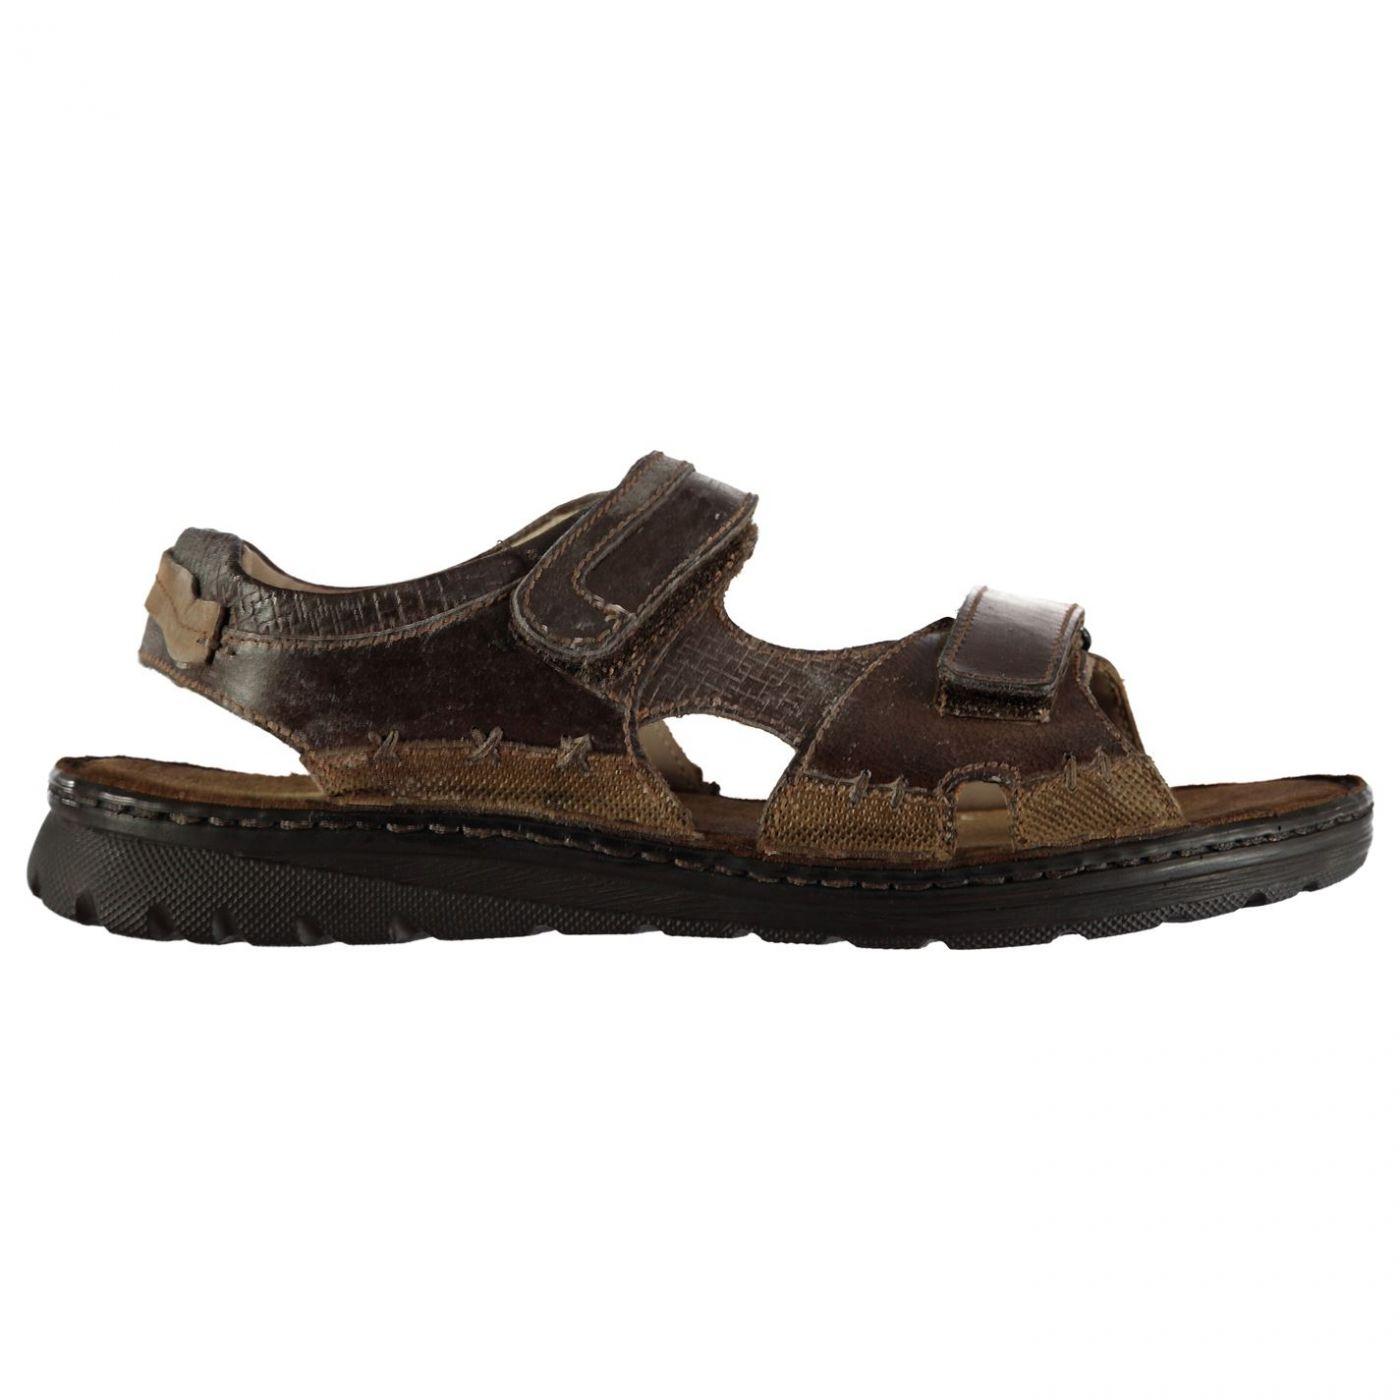 Kangol Strap Sandal Sn 93